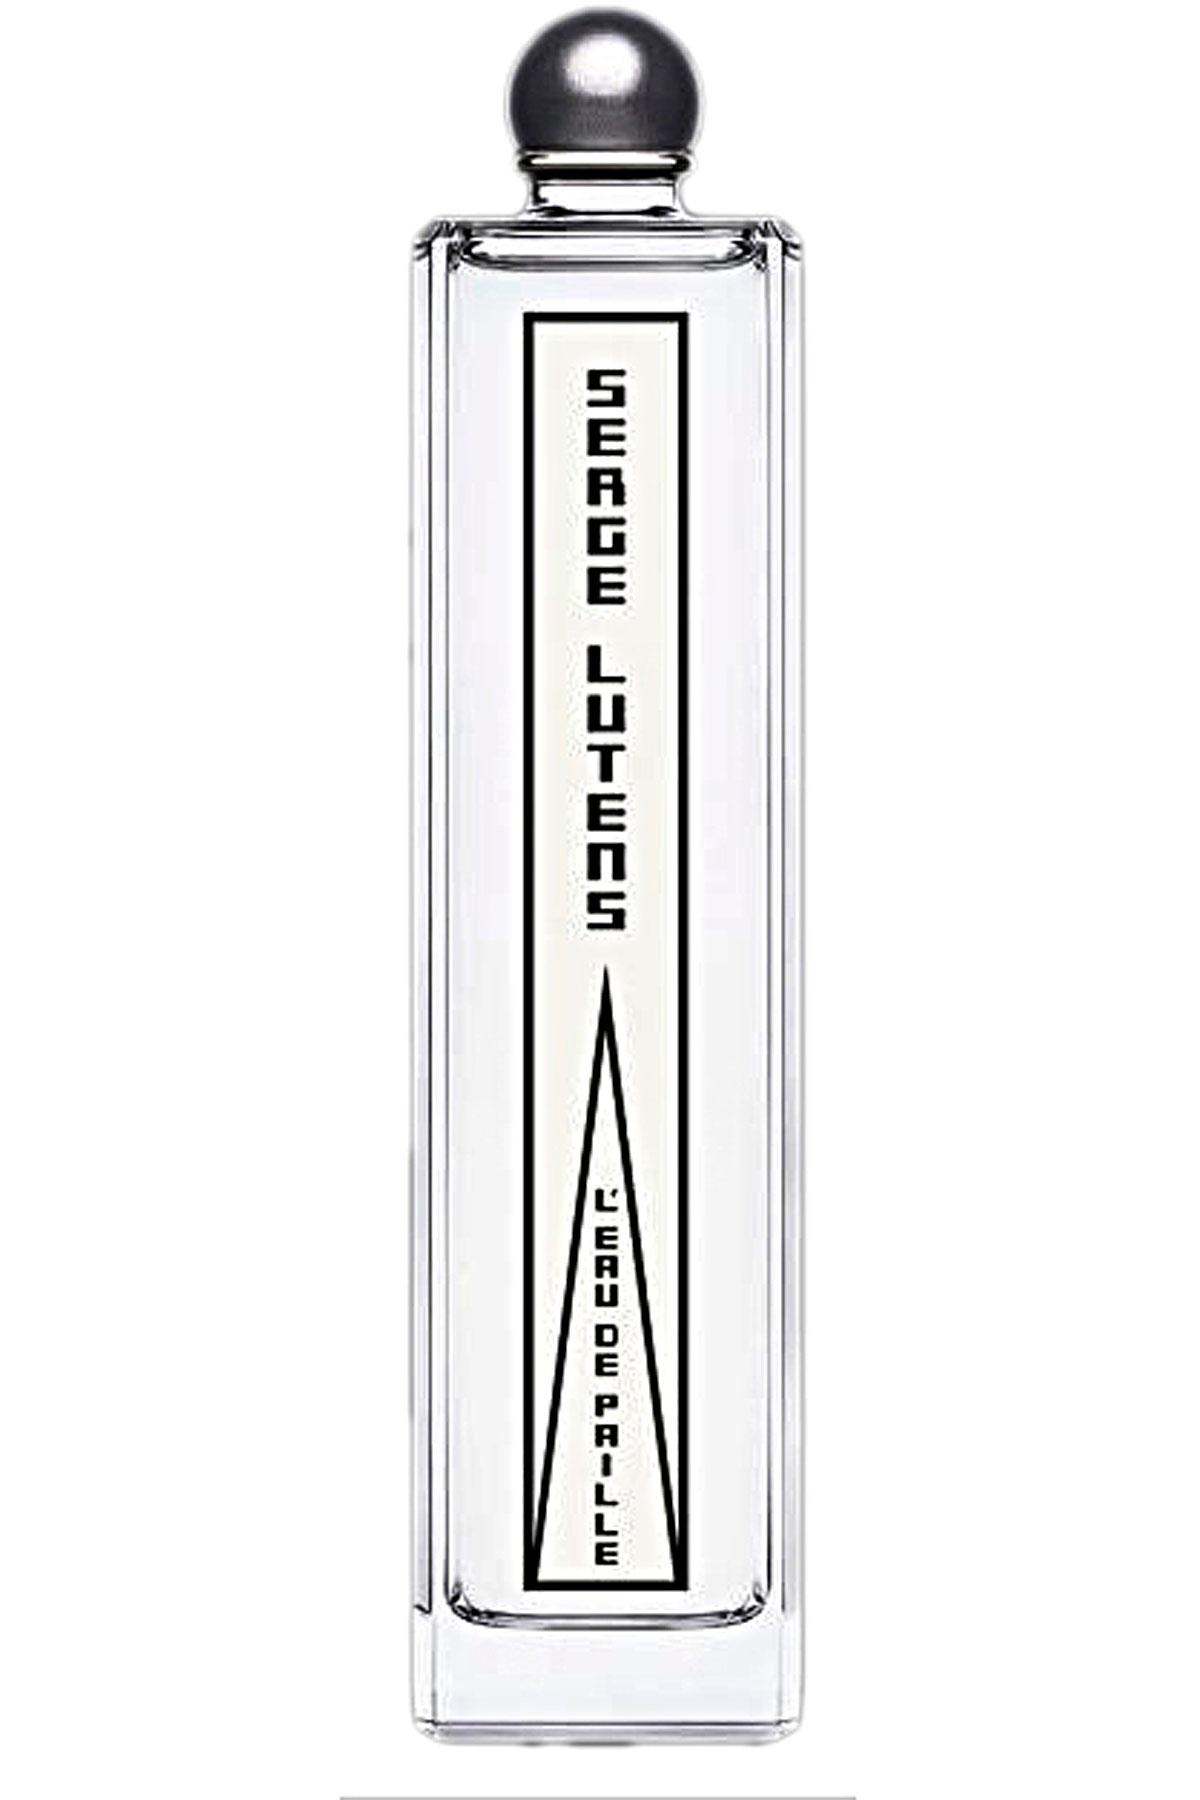 Serge Lutens Fragrances for Men, L Eau De Paille - Eau De Parfum - 50-100 Ml, 2019, 50 ml 100 ml